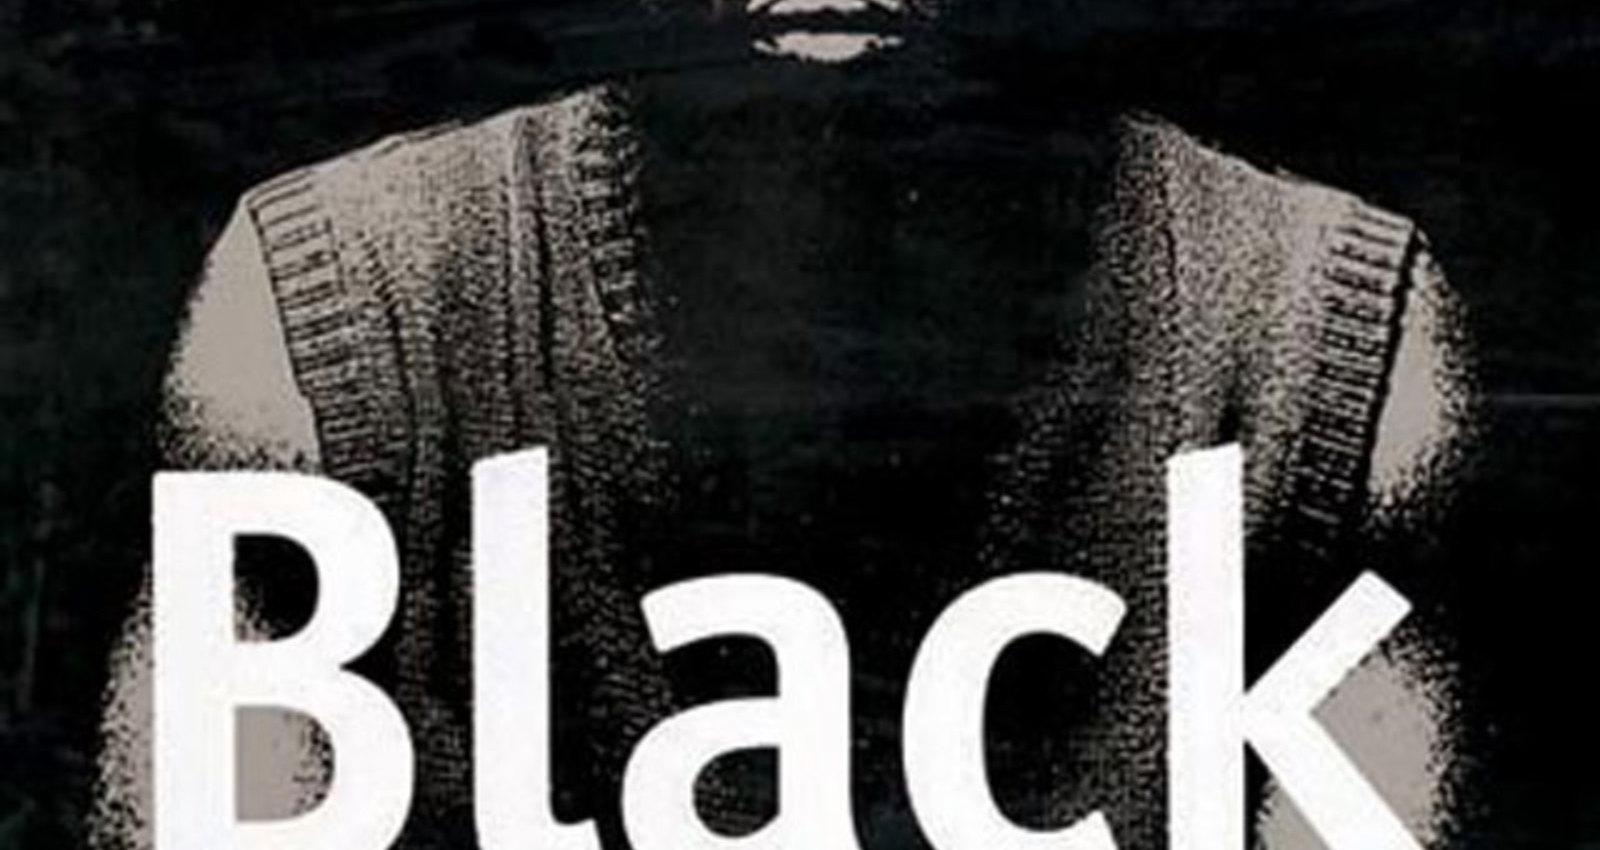 Hindu, Israeli, Black